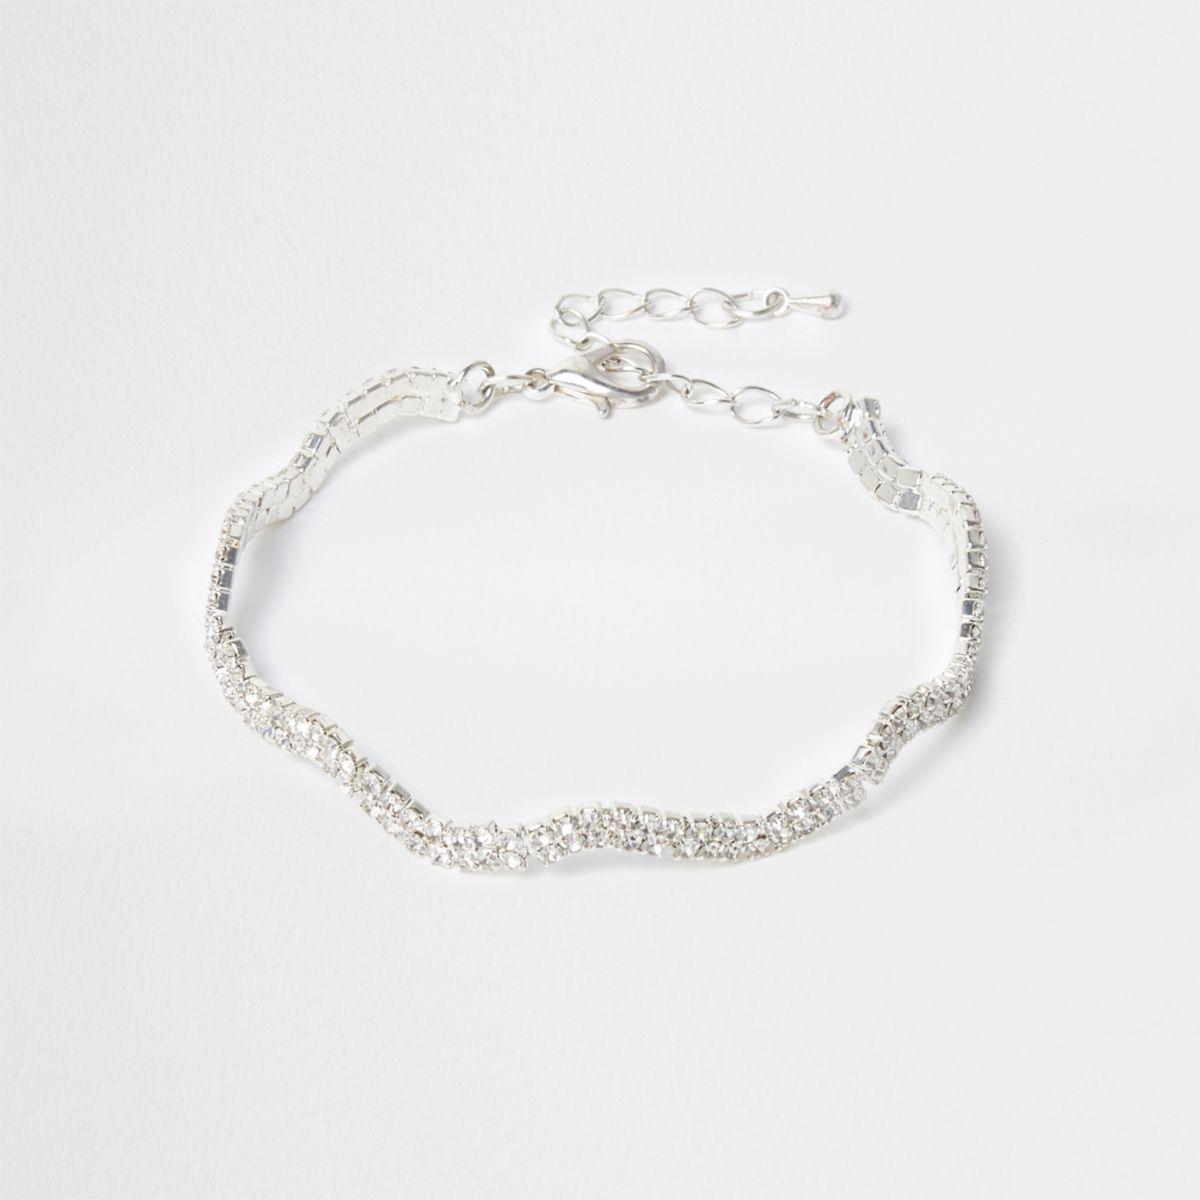 Silver tone wavy diamante encrusted bracelet